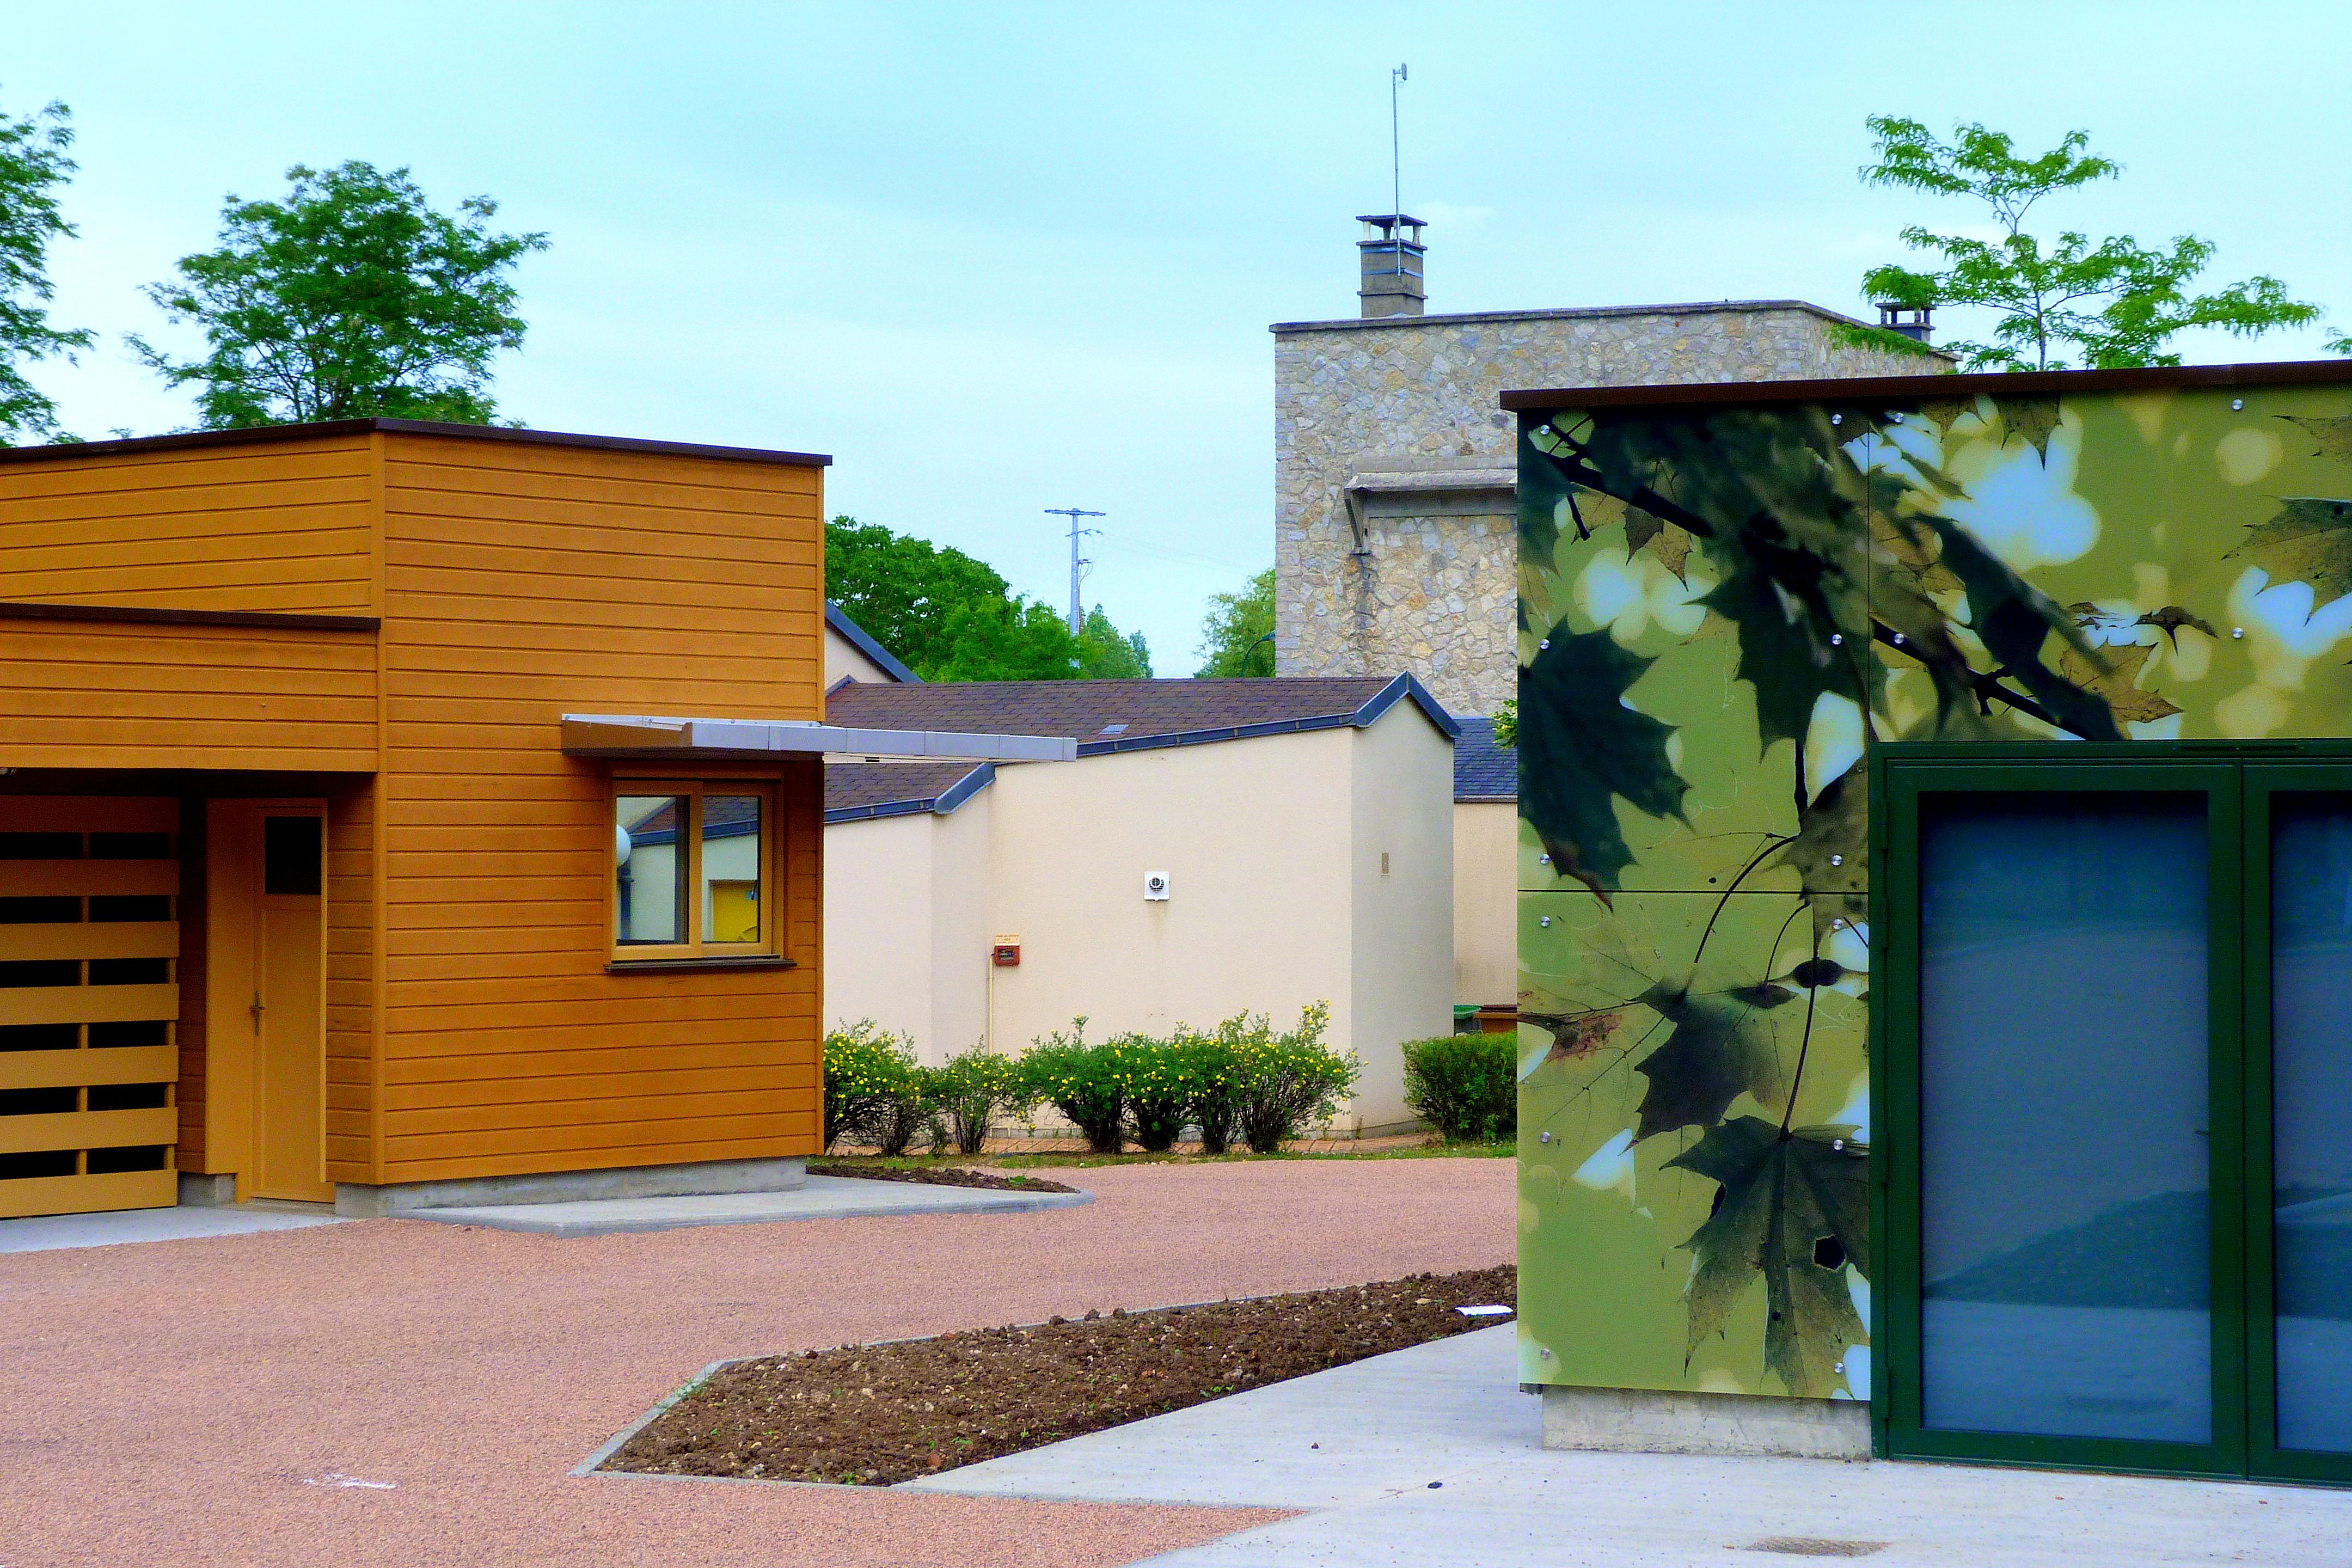 Mairie de Beffes©